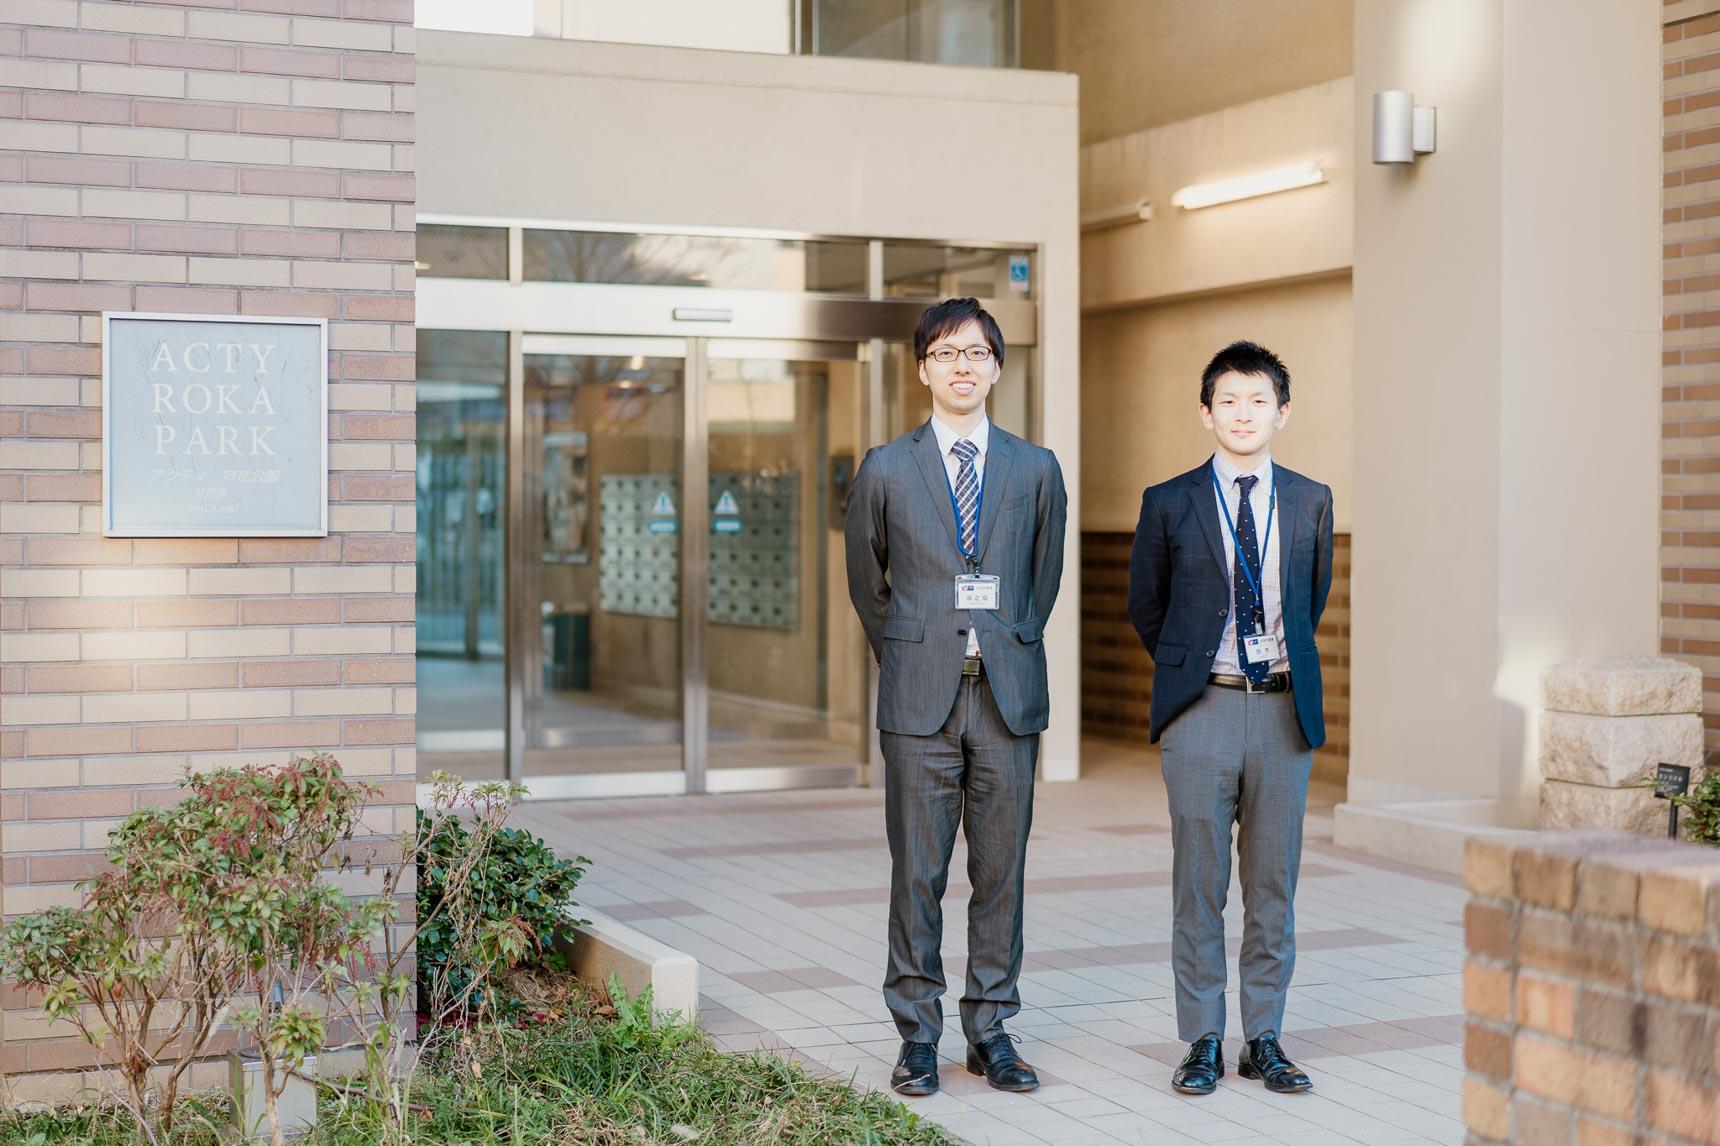 ご案内いただいたのは、写真左からUR都市機構の田之畑さんと鈴木さん。